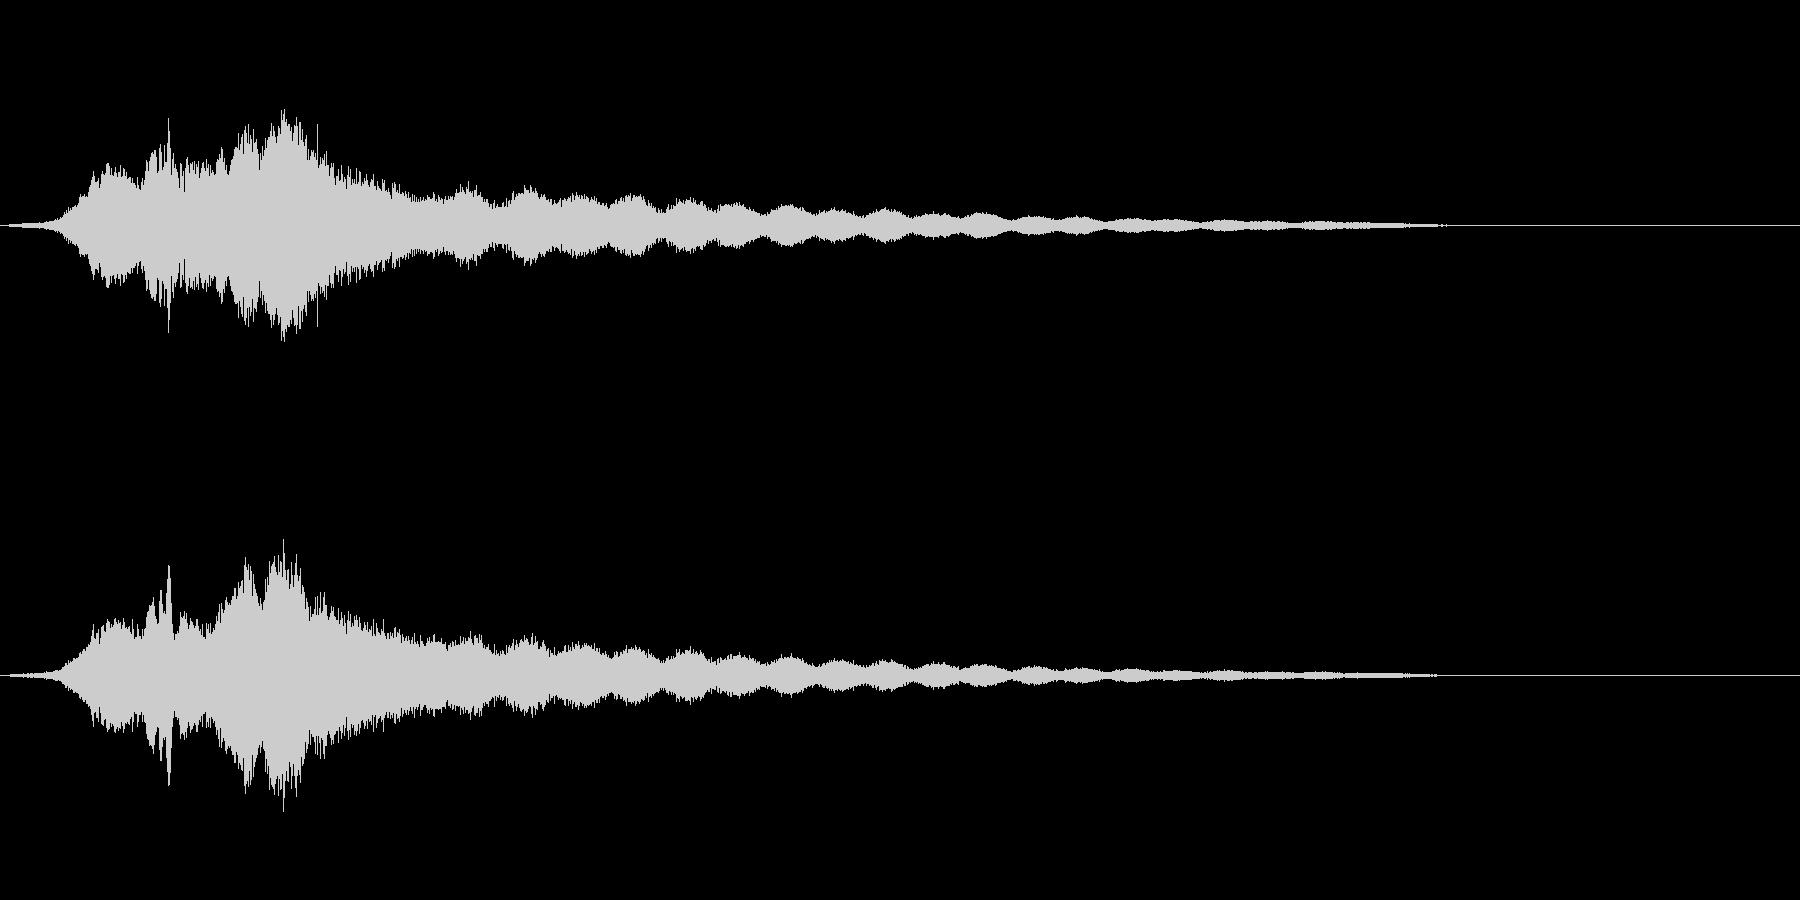 オールドライドシンボルボウCU 3の未再生の波形